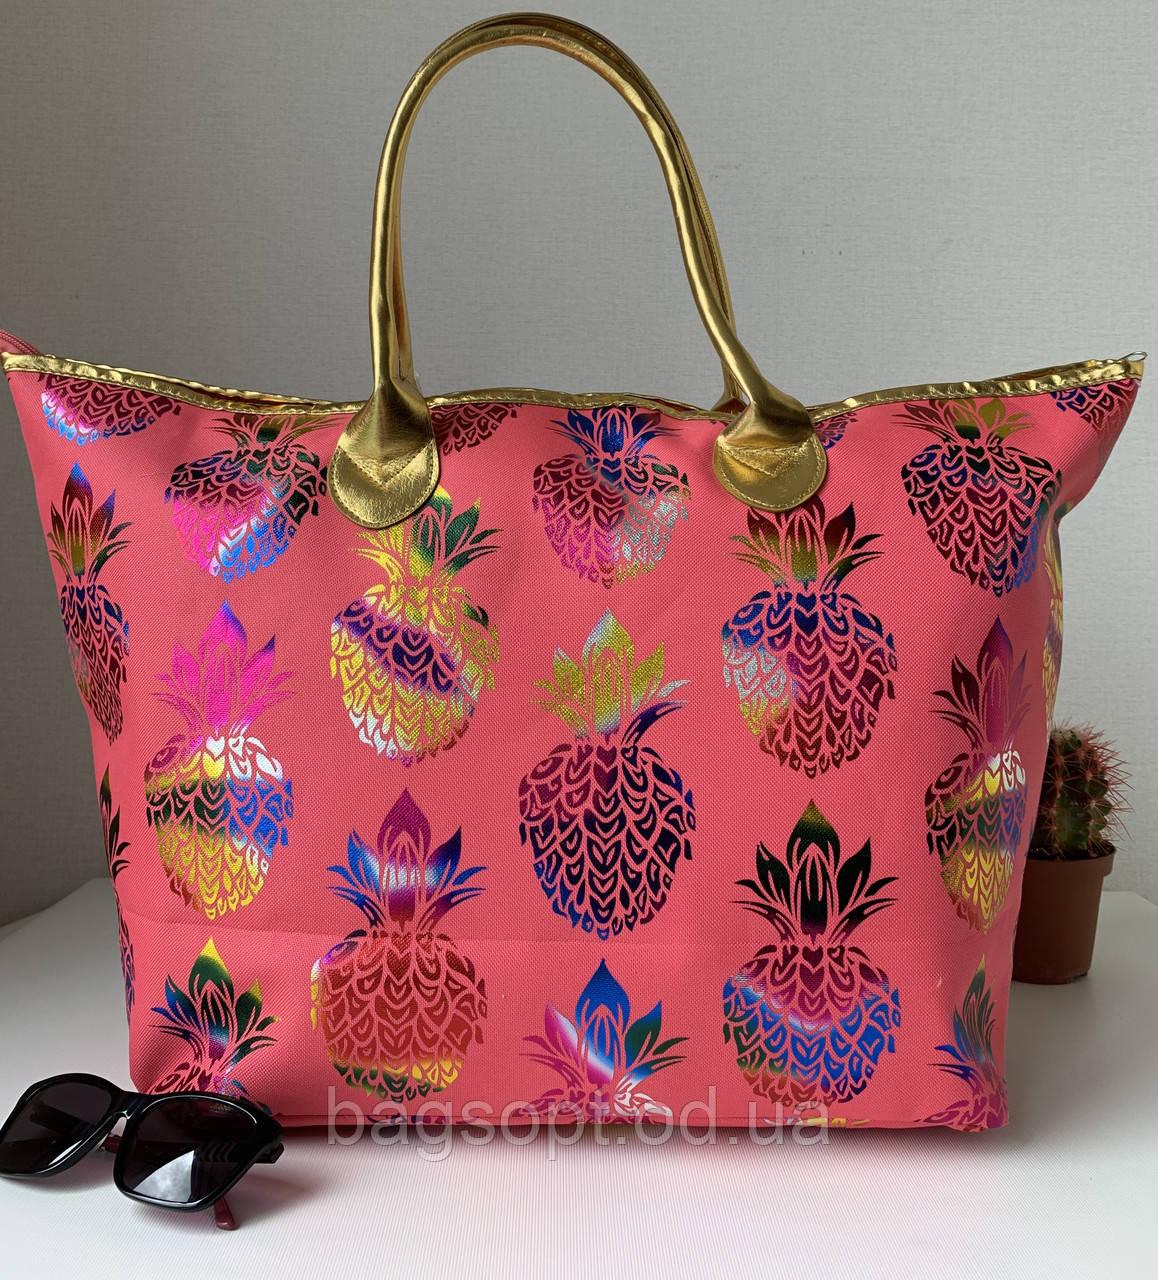 Жіноча пляжна сумка тканинна яскрава рожева з візерунком ананас